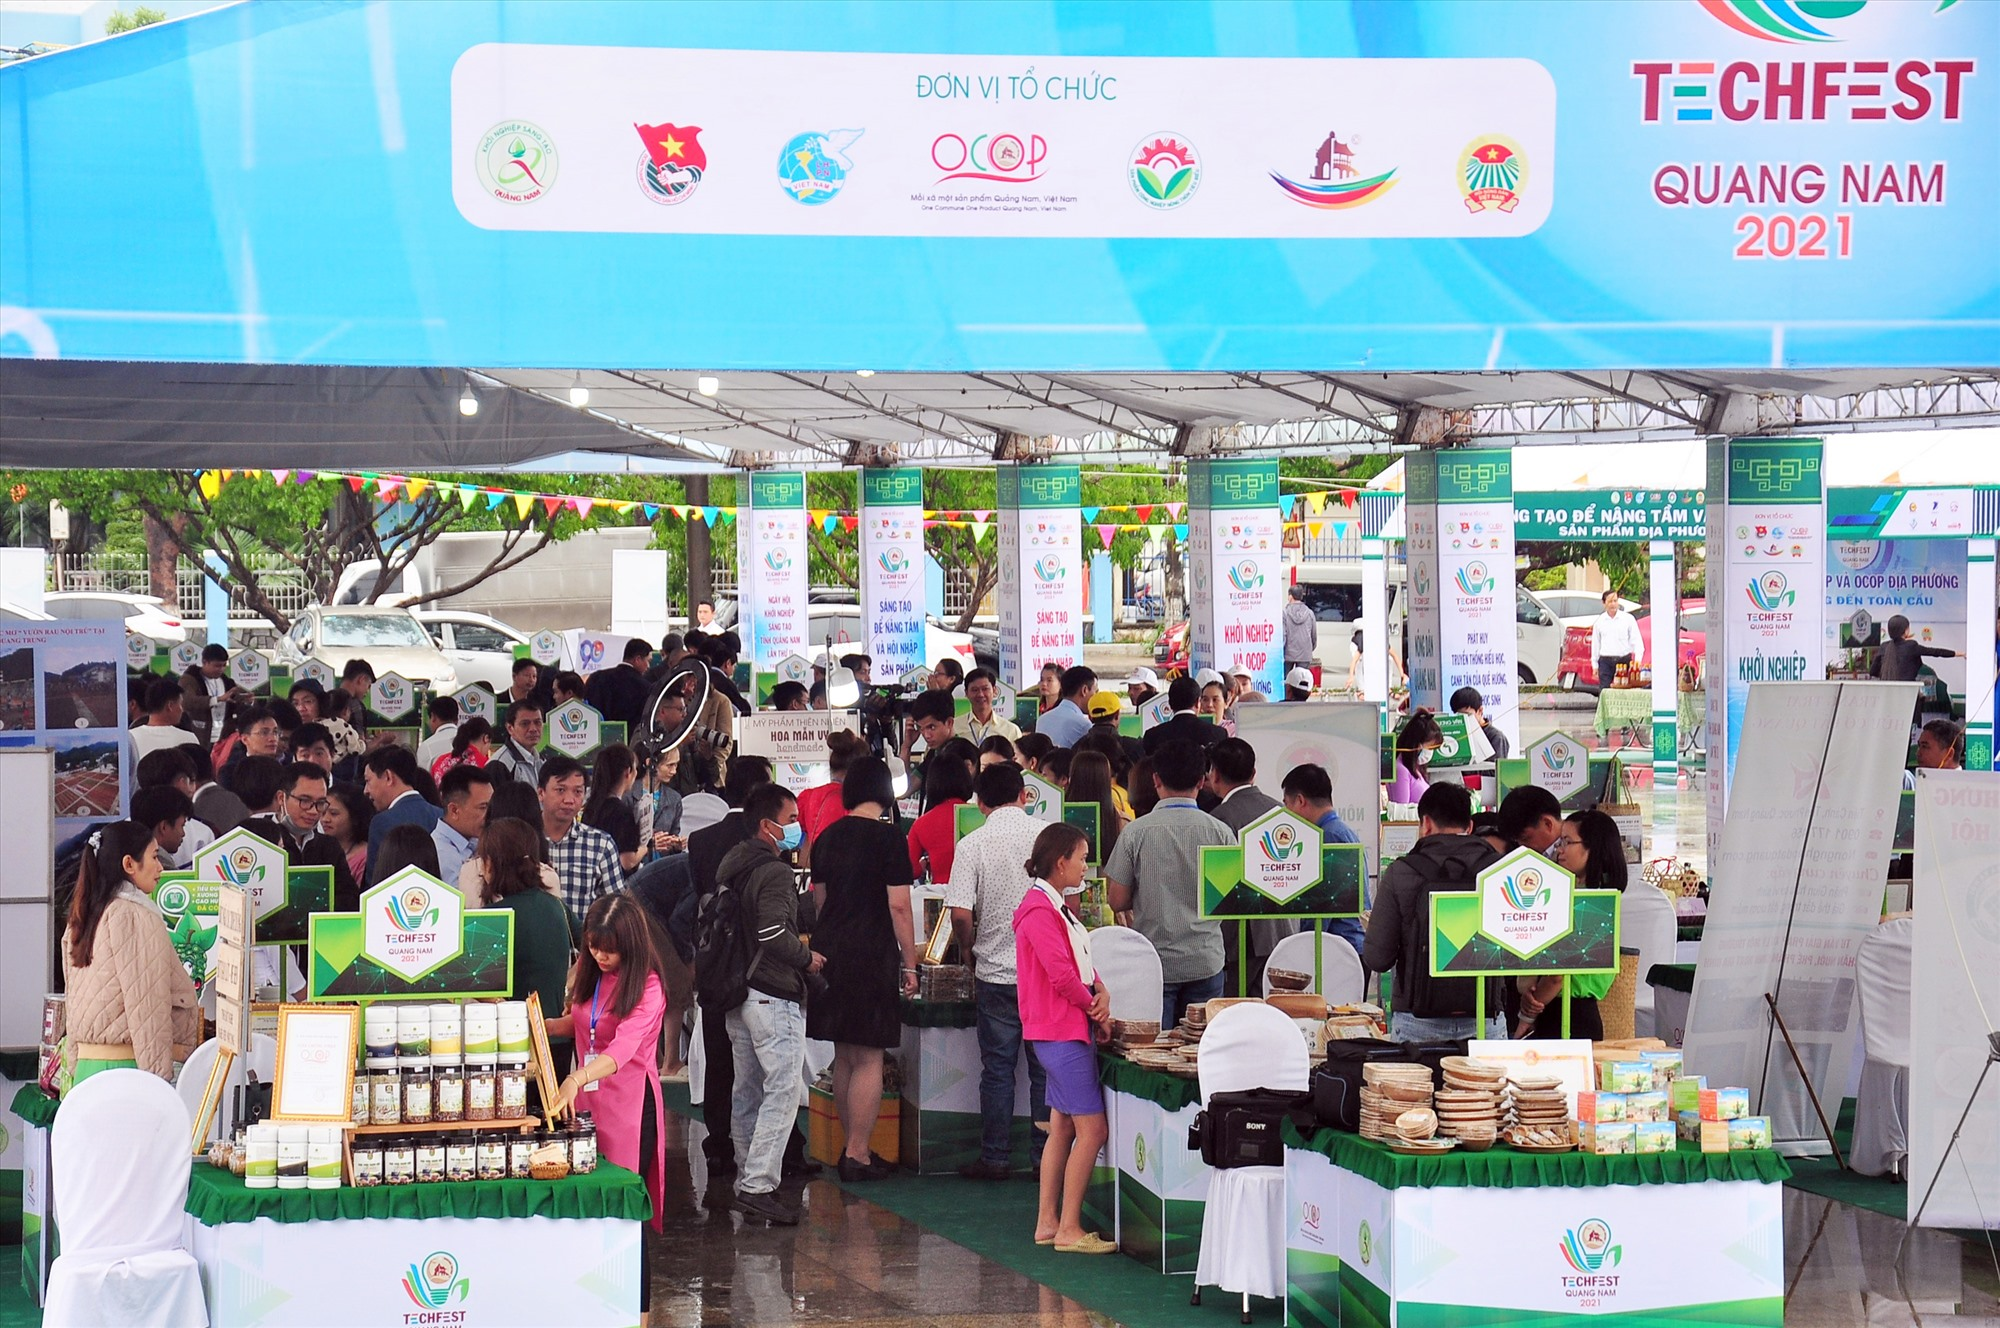 Sự kiện Techfest Quang Nam 2021 quy tụ 100 gian hàng với hơn 200 sản phẩm OCOP, sản phẩm khởi nghiệp... khu vực miền Trung - Tây Nguyên. Ảnh: ANH CÔNG